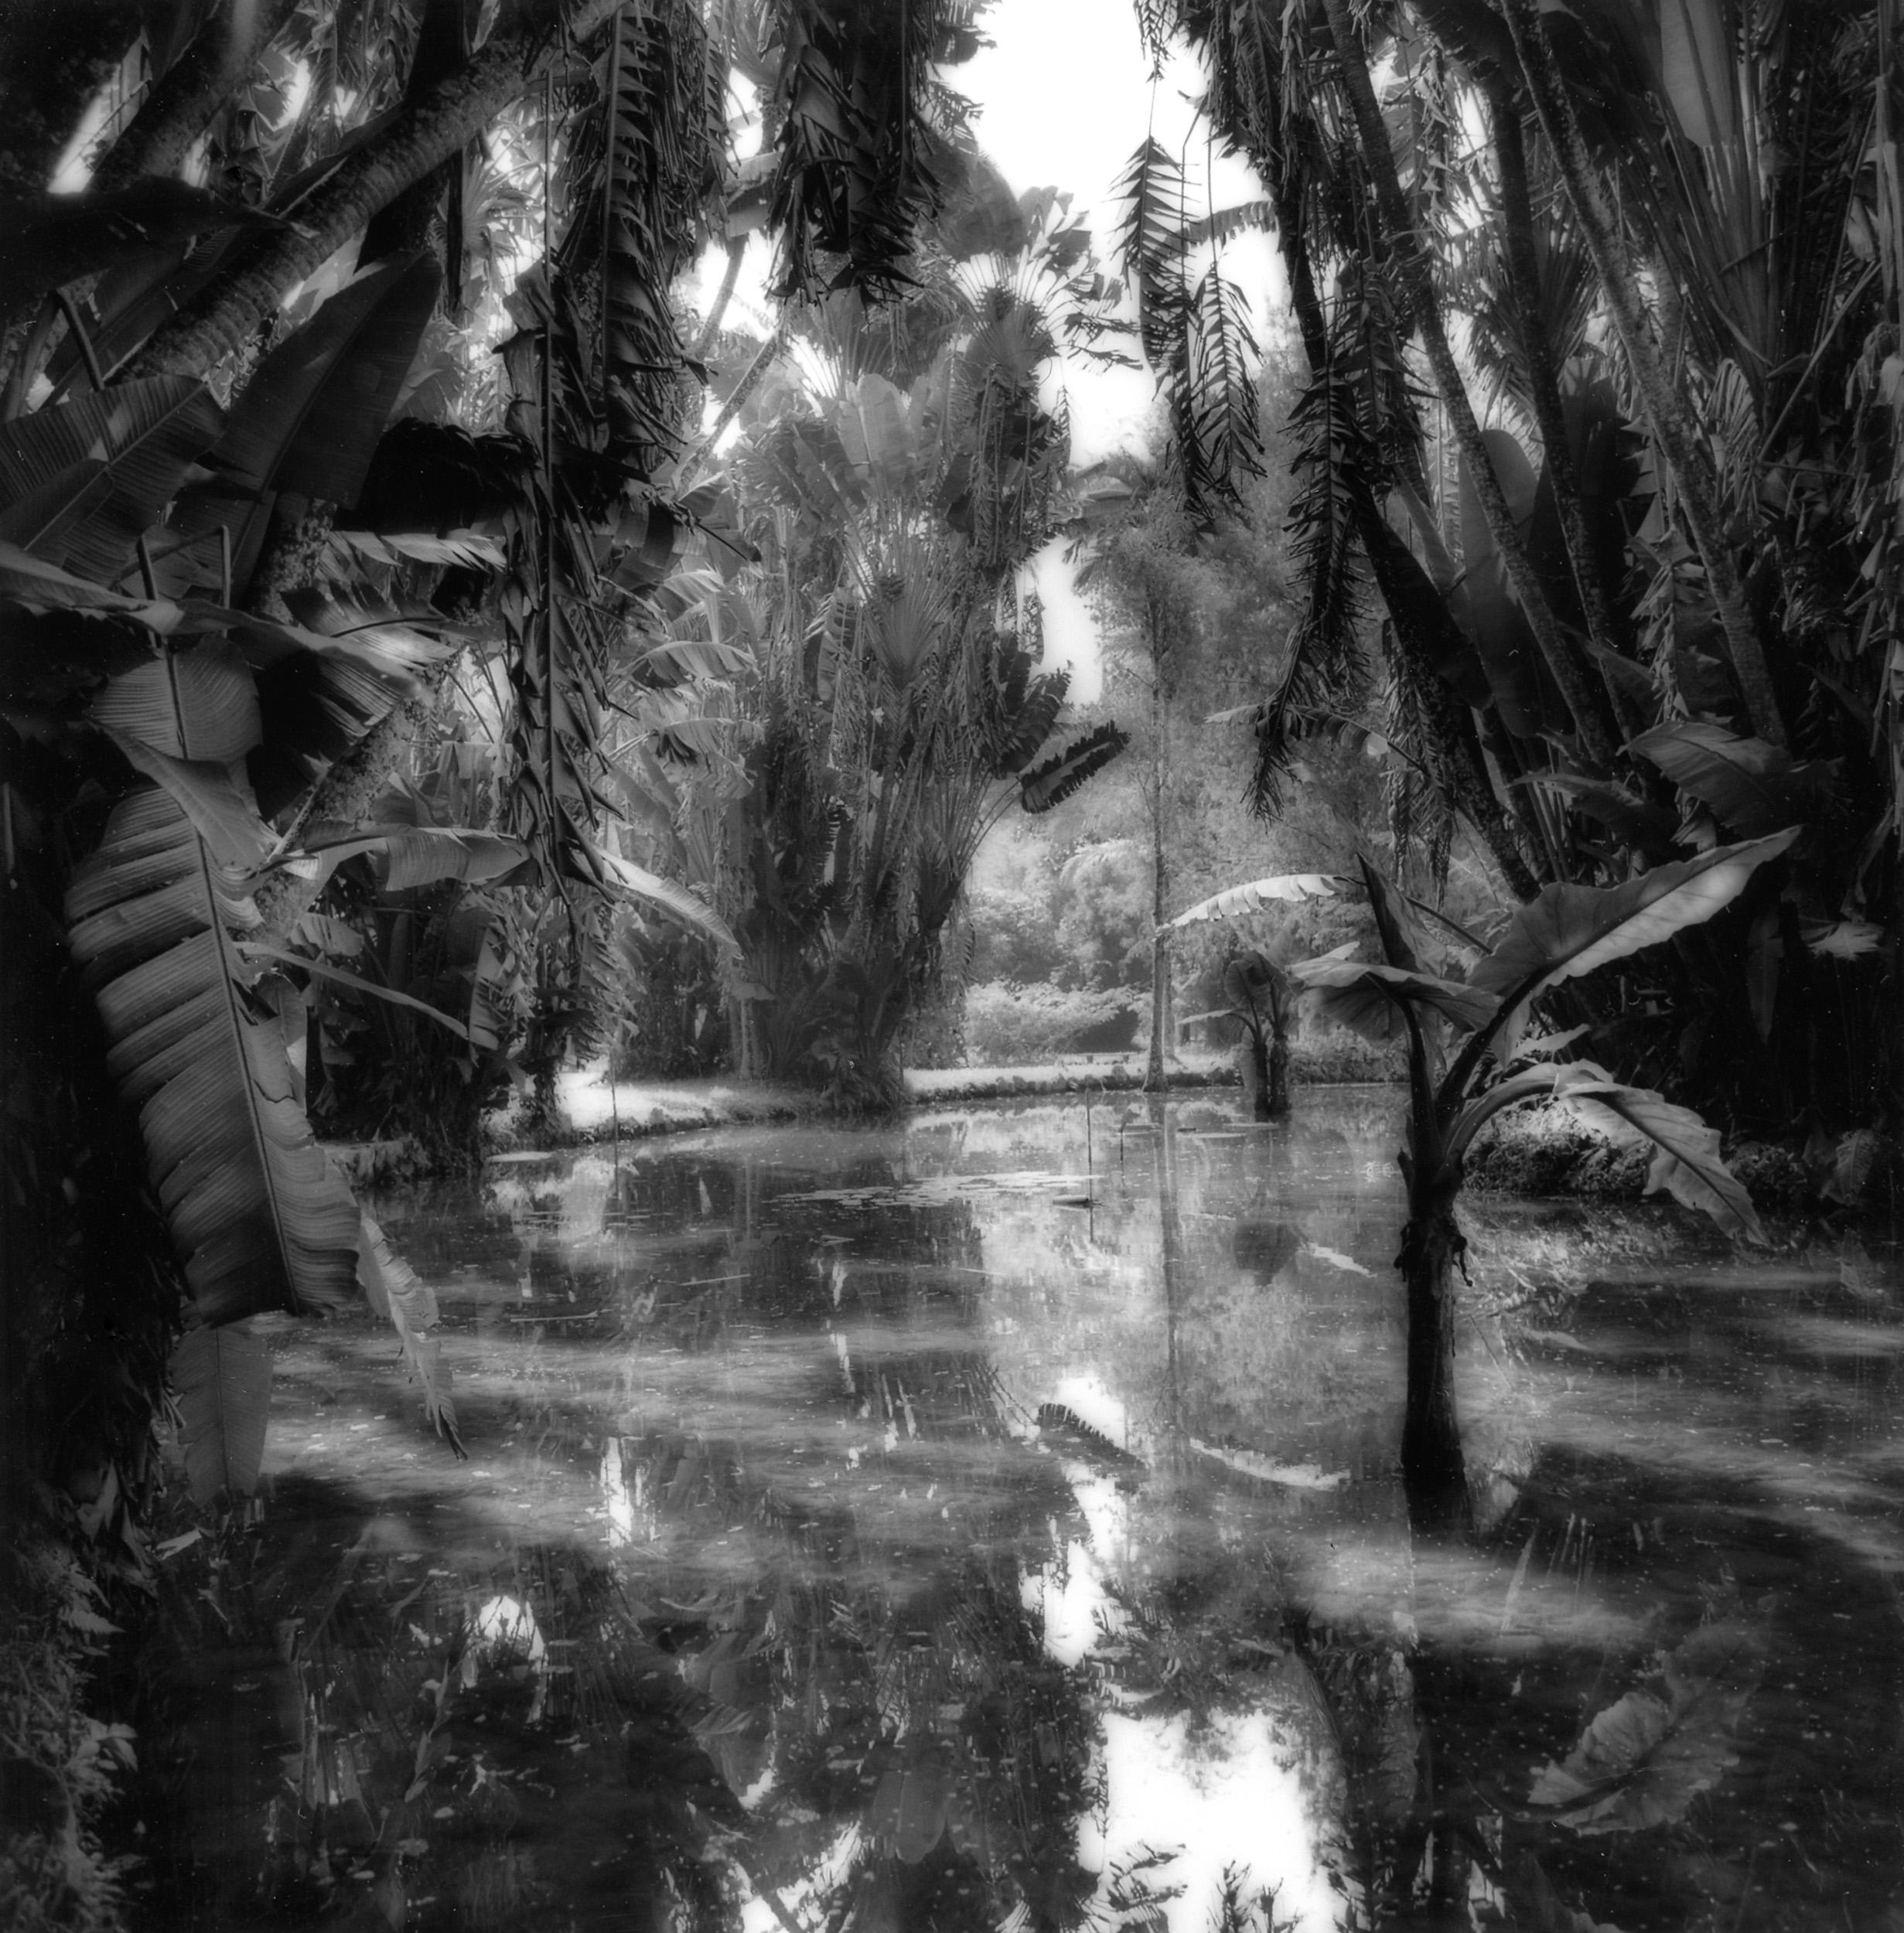 Rio-Botanical-Garden-1